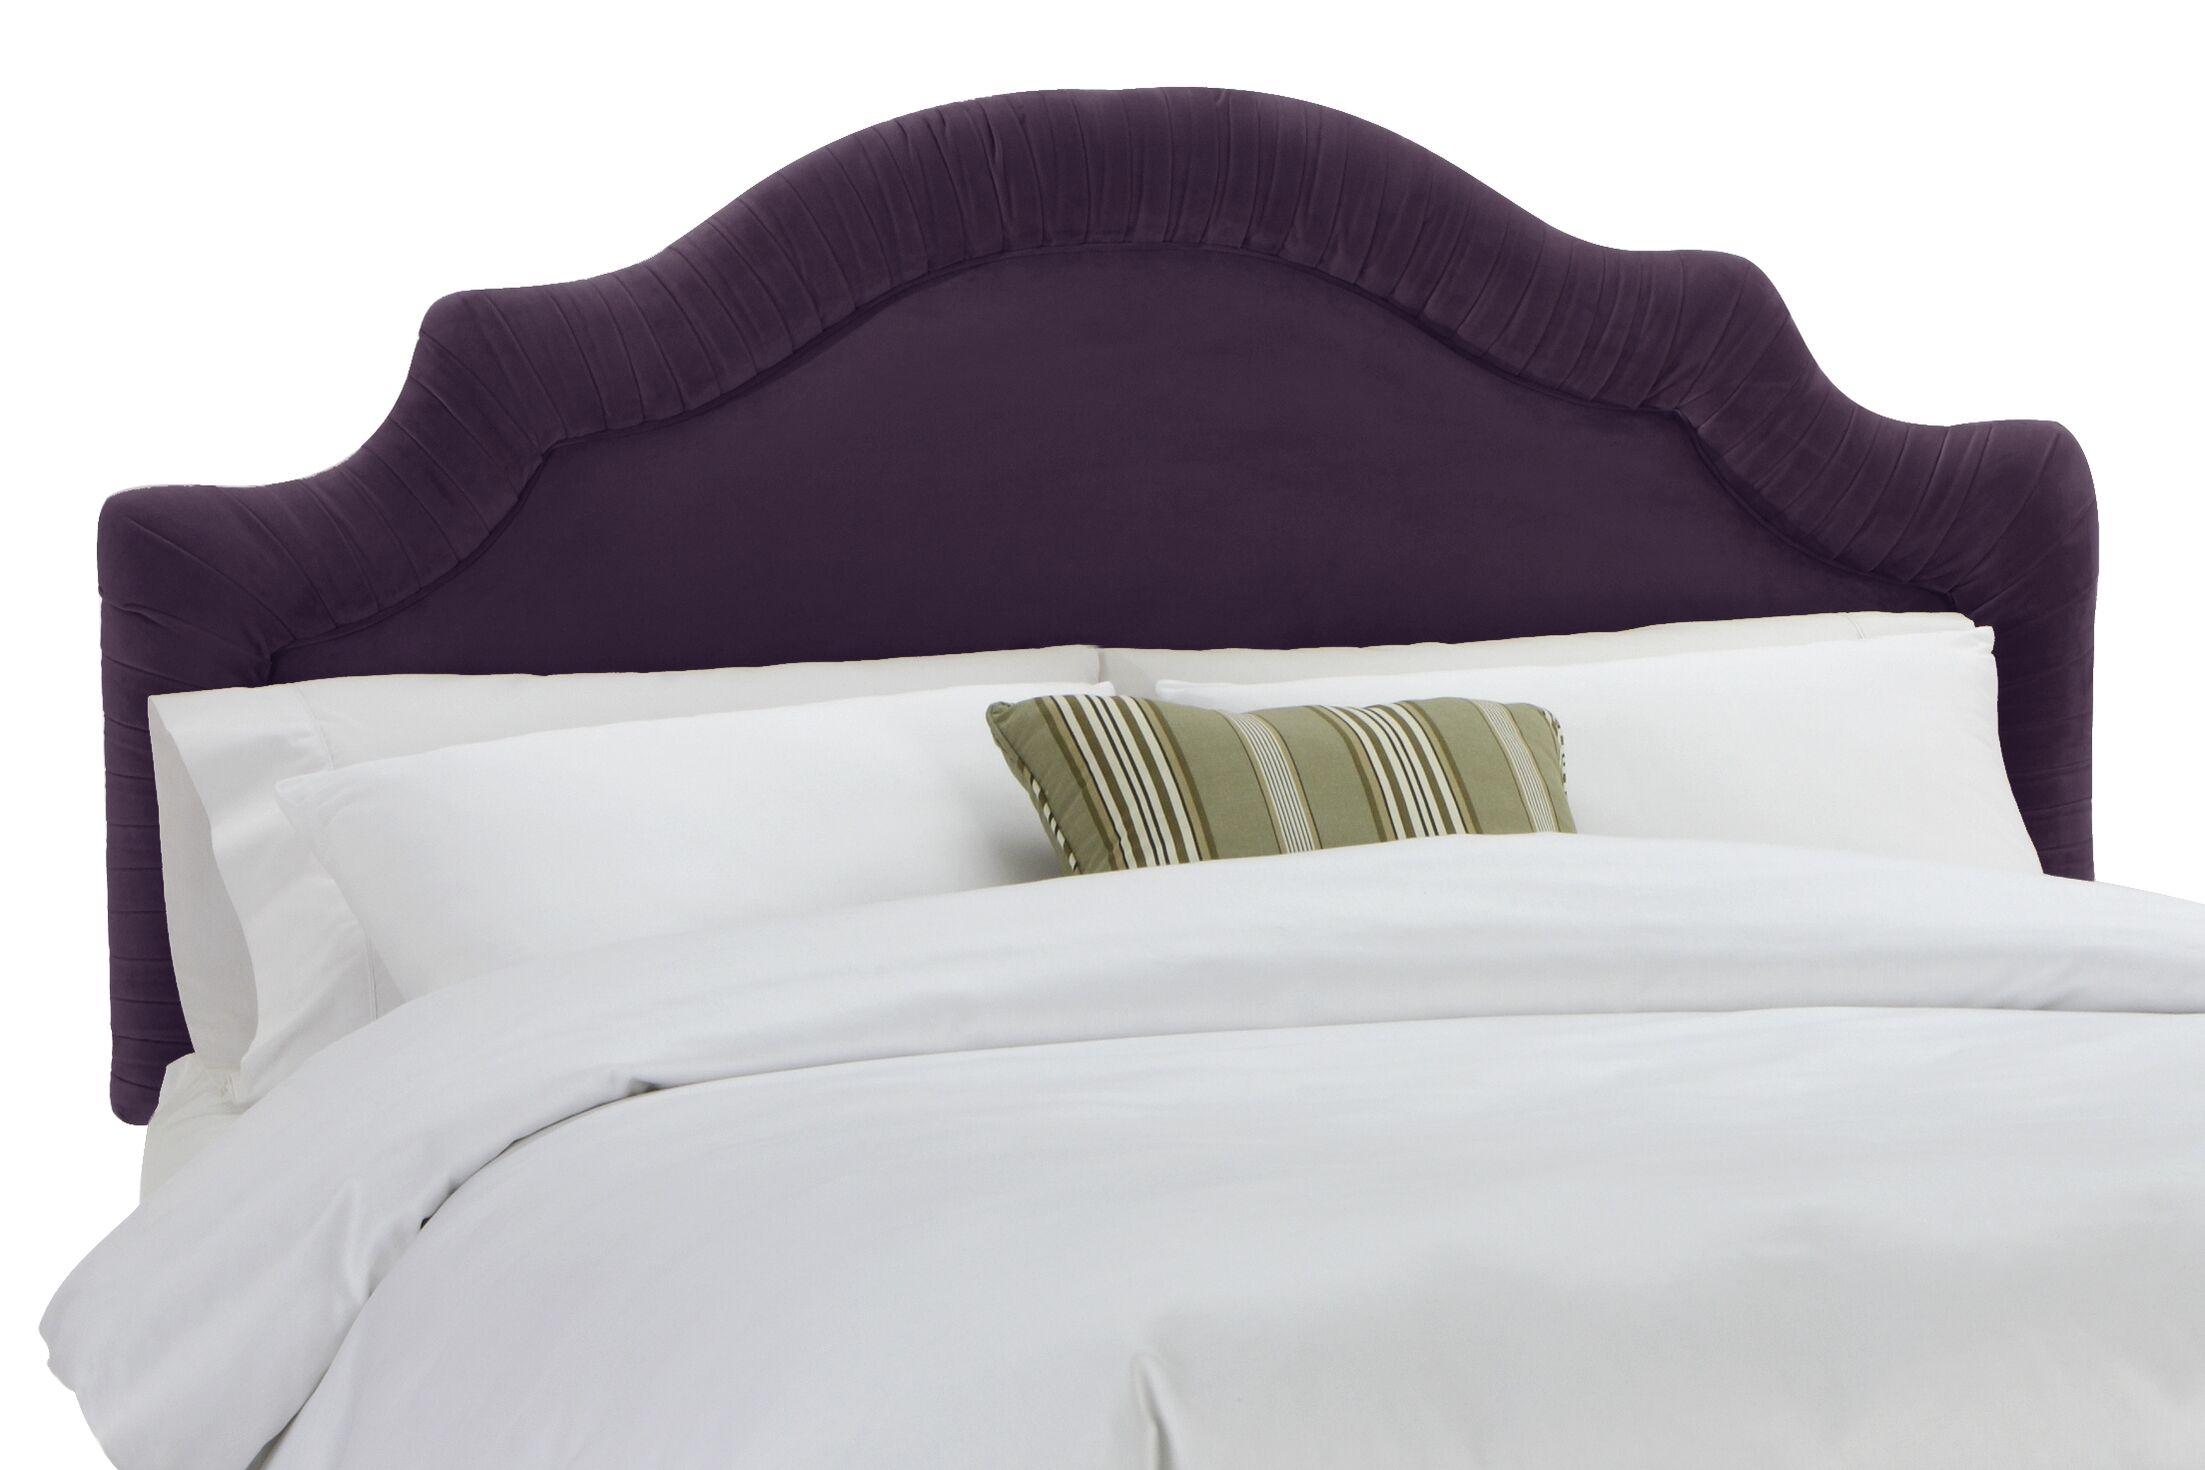 Arc Upholstered Panel Headboard Size: California King, Upholstery: Velvet Aubergine